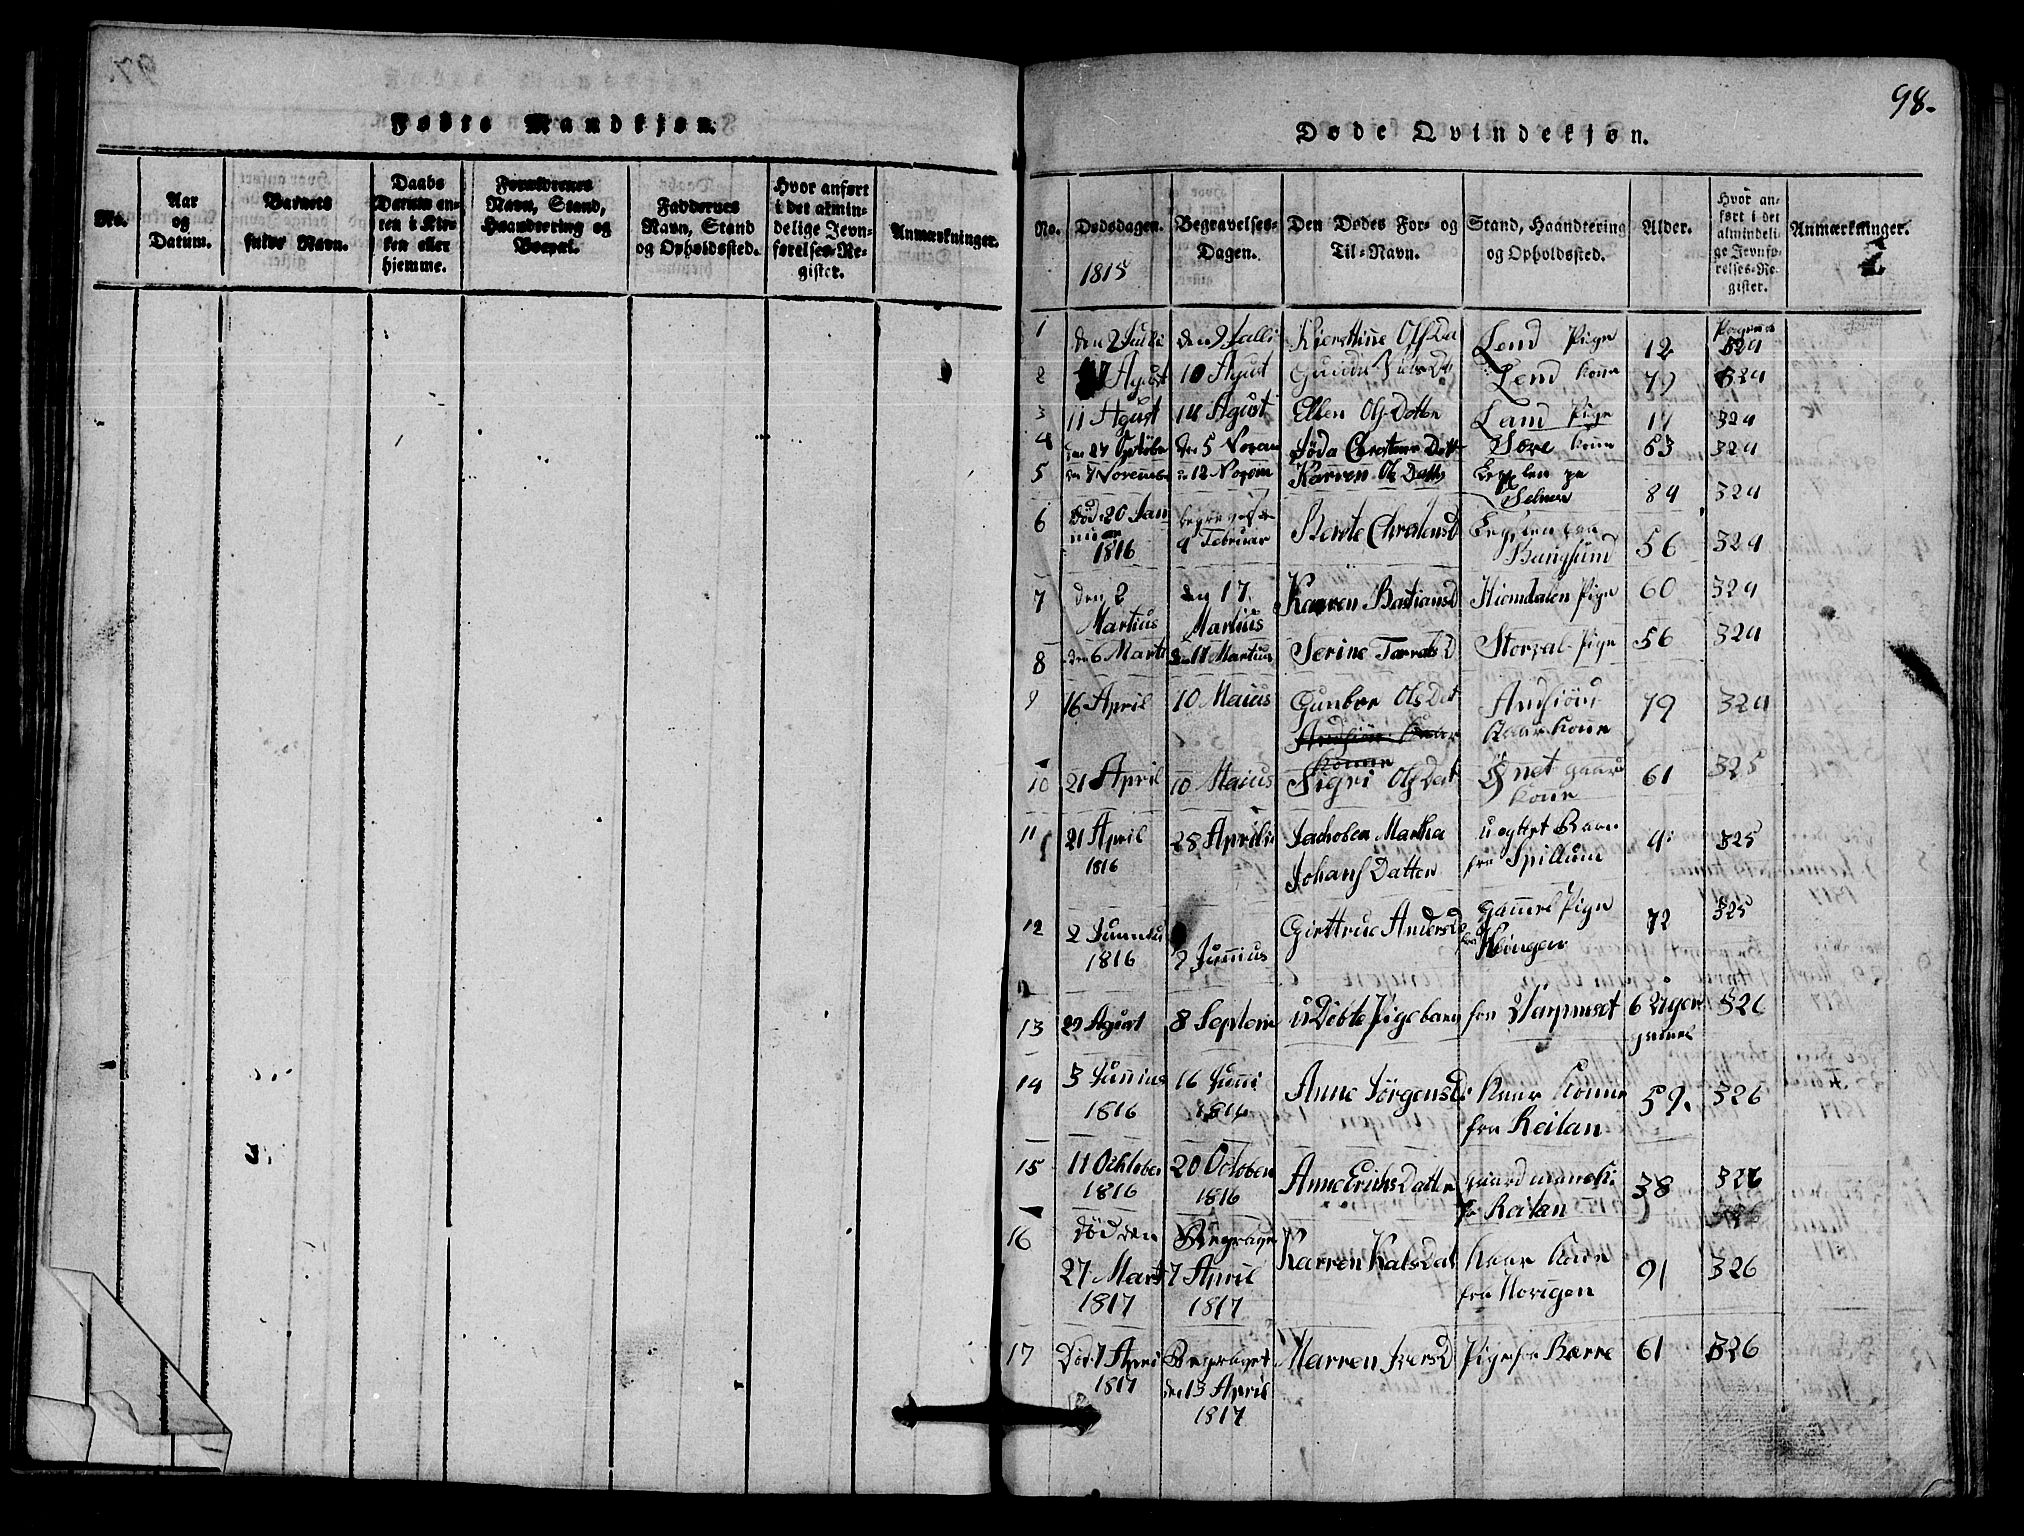 SAT, Ministerialprotokoller, klokkerbøker og fødselsregistre - Nord-Trøndelag, 770/L0590: Klokkerbok nr. 770C01, 1815-1824, s. 98